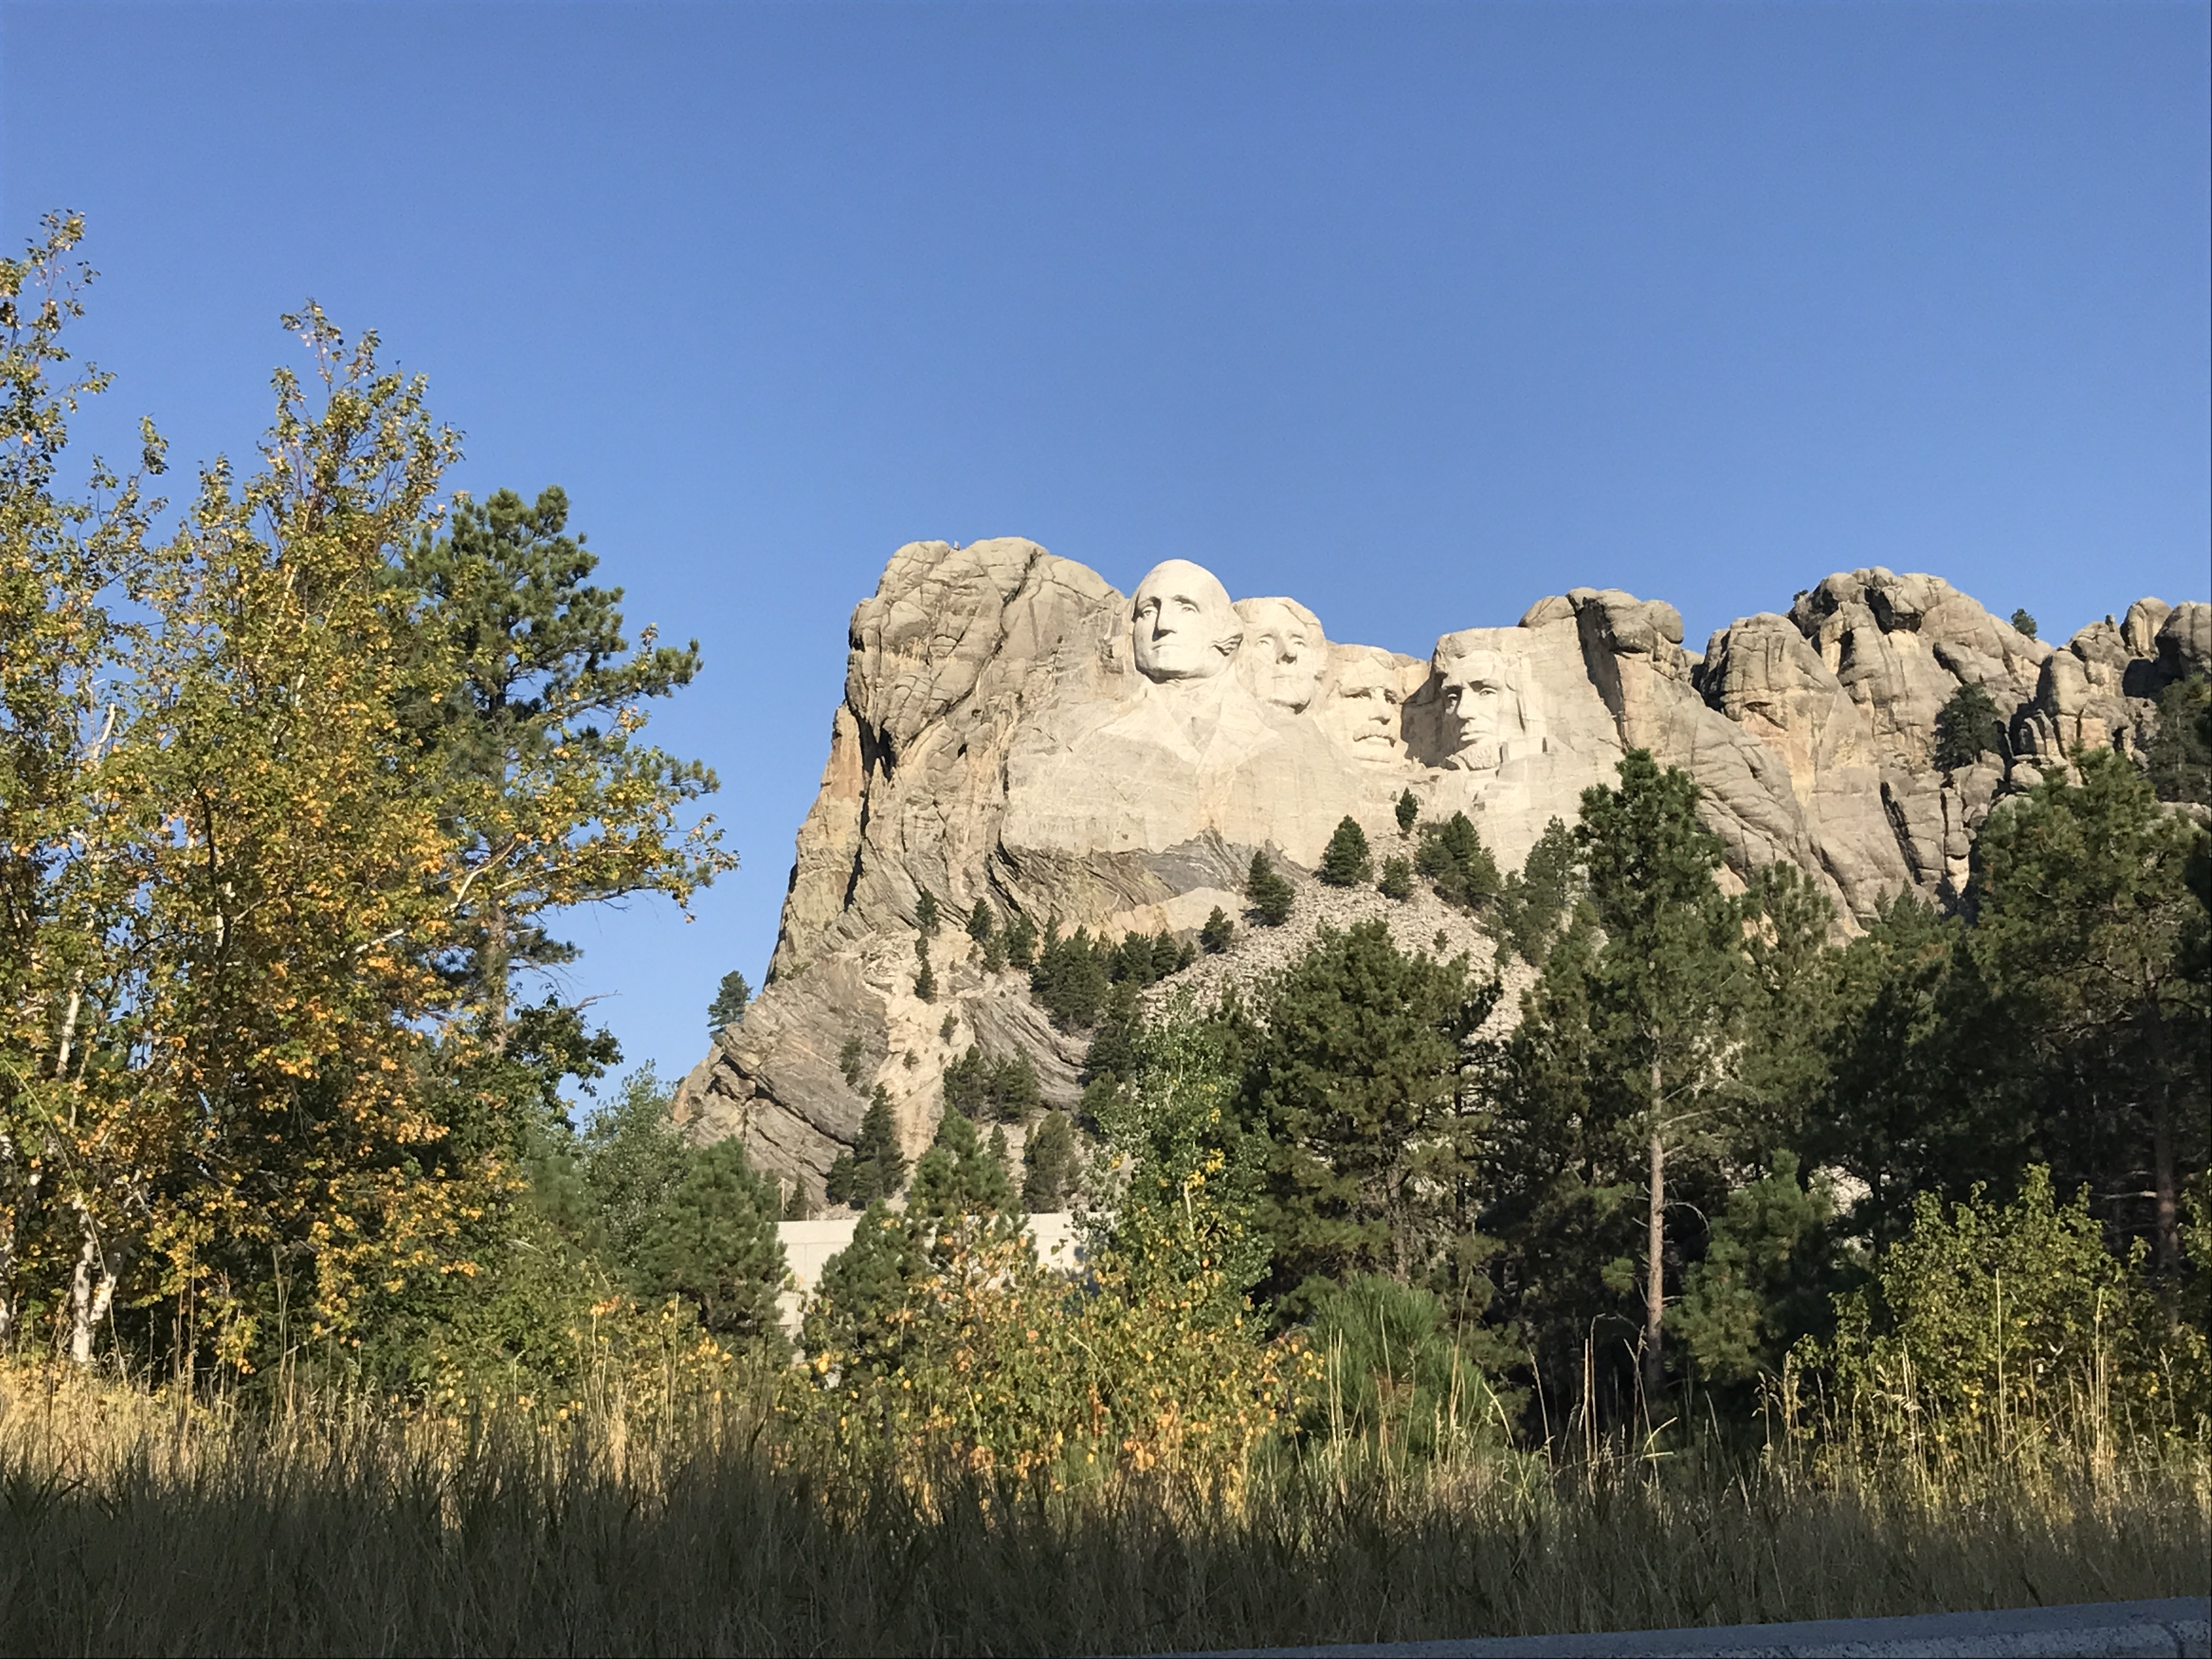 Mount Rushmore med de fire præsidentansigter i Badlands-området udenfor Rapid City i South Dakota er blandt de største turistattraktioner i The Great American West. Pressefoto.